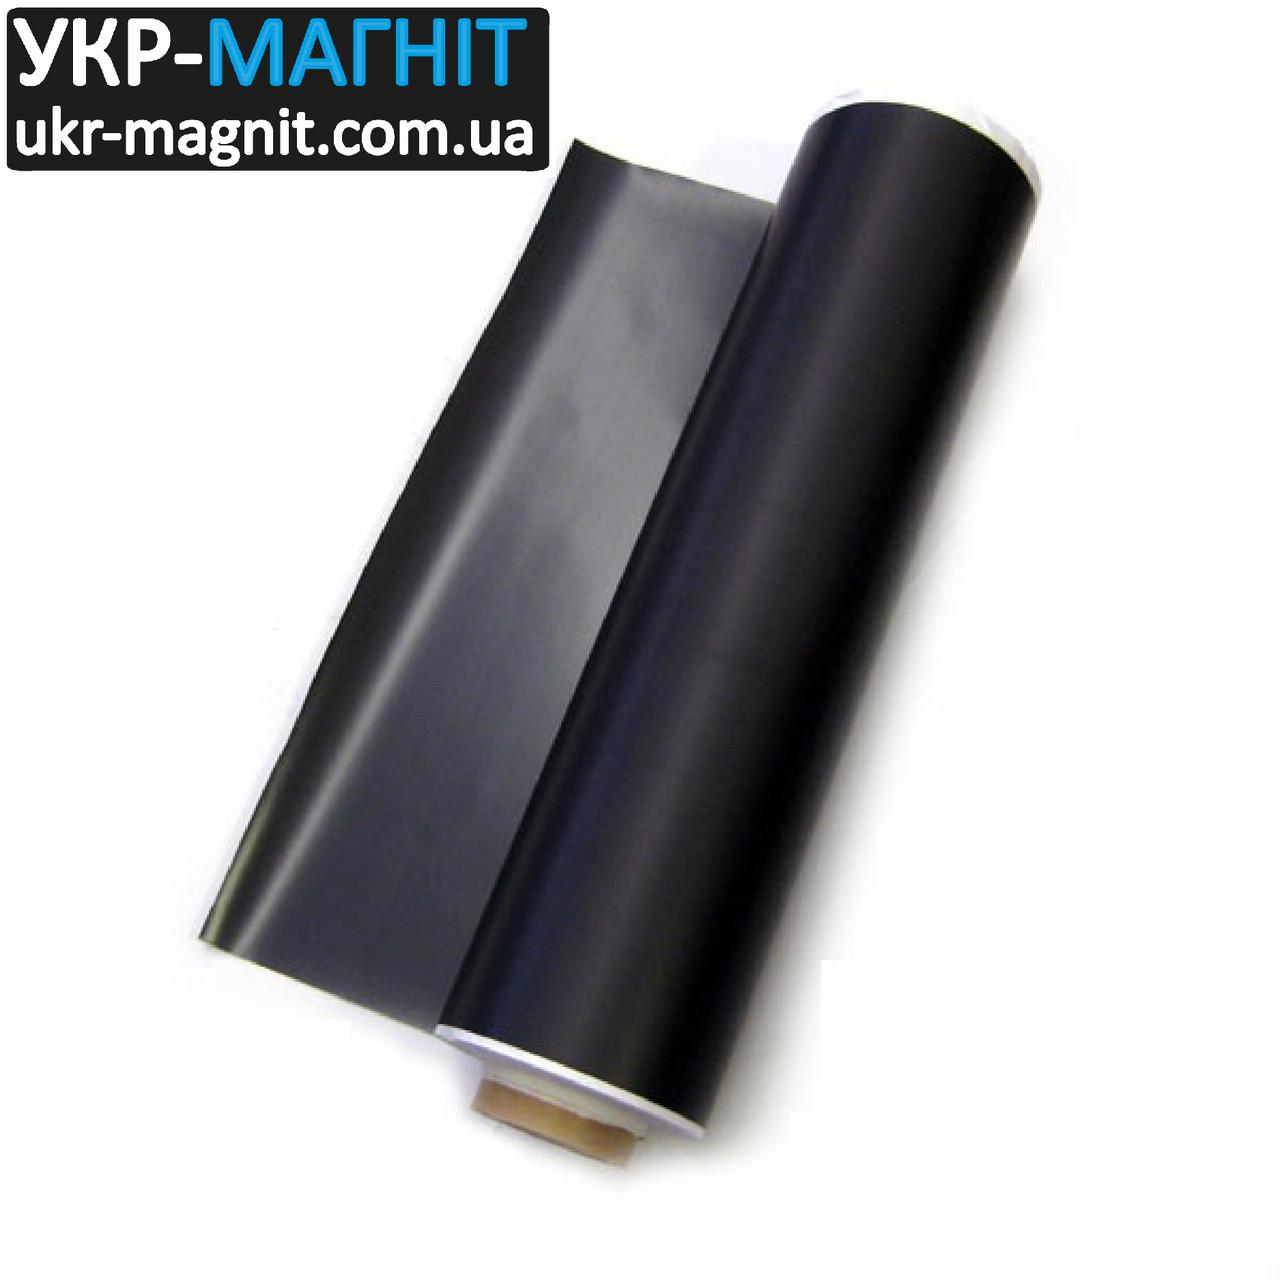 Магнитный винил 0,3мм без клеевого слоя (0,62м х 60м)